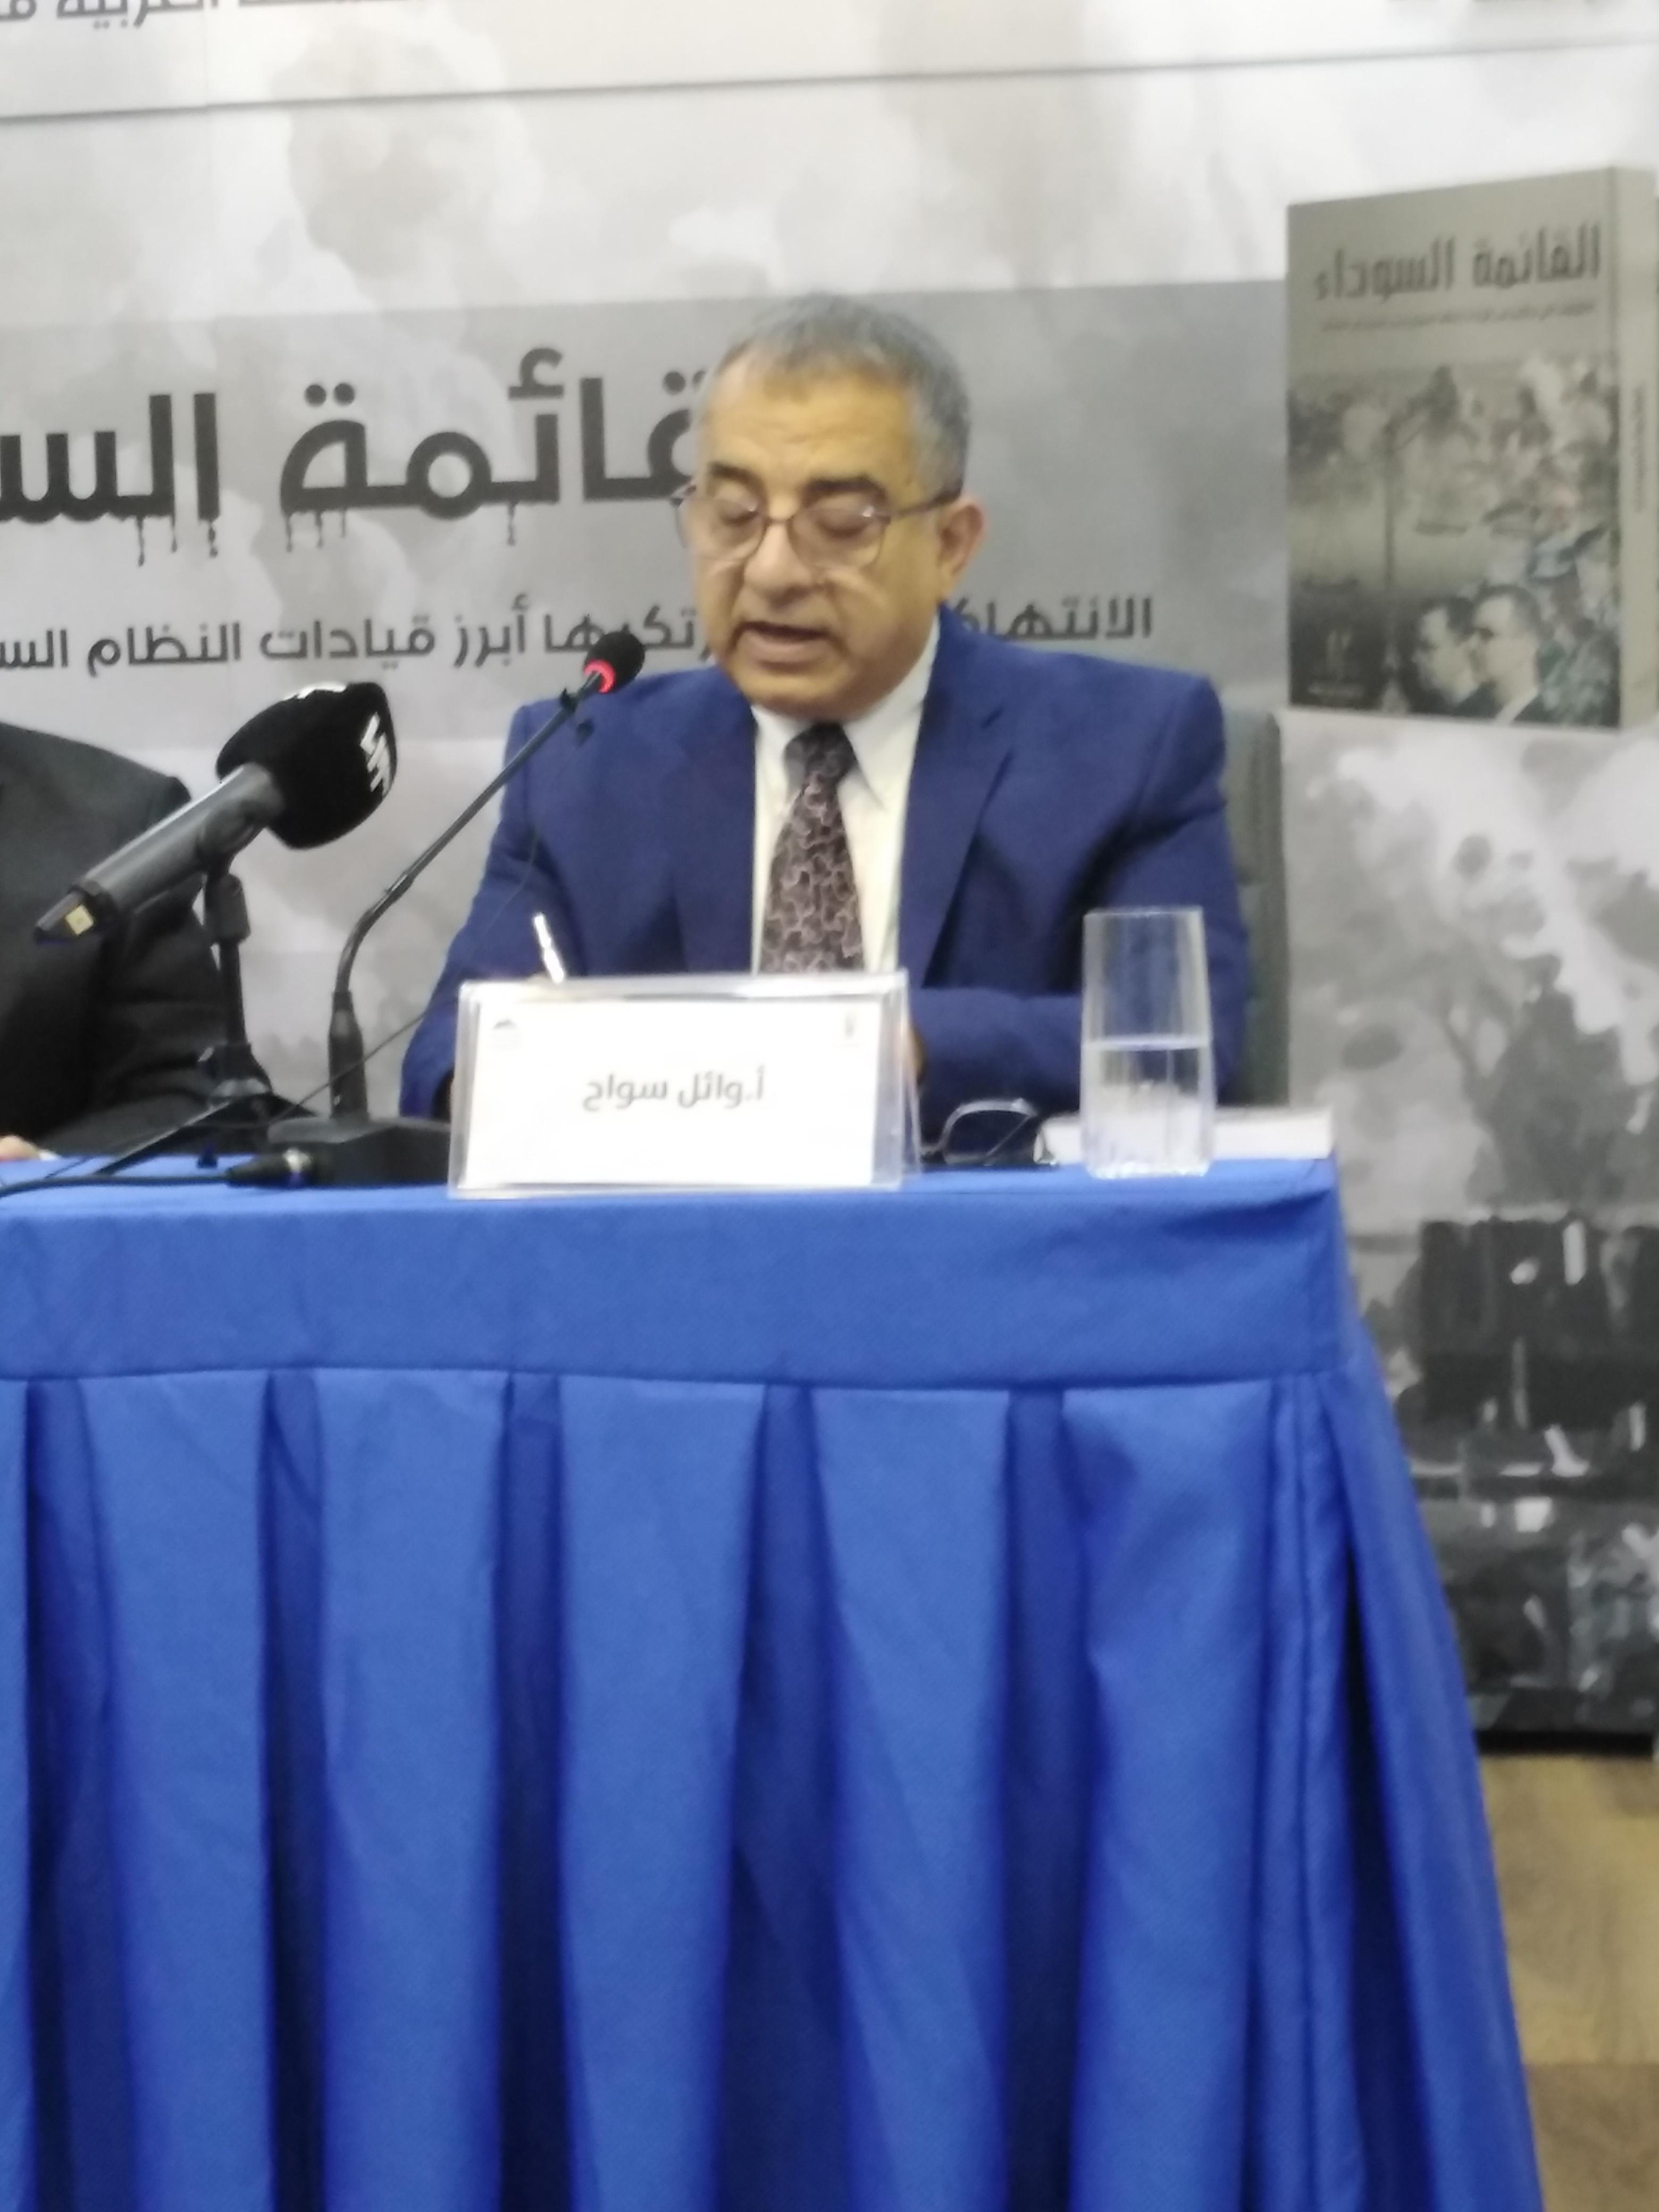 """سوريا: إطلاق كتاب """"القائمة السوداء: الانتهاكات التي ارتكبها أبرز قيادات النظام"""""""